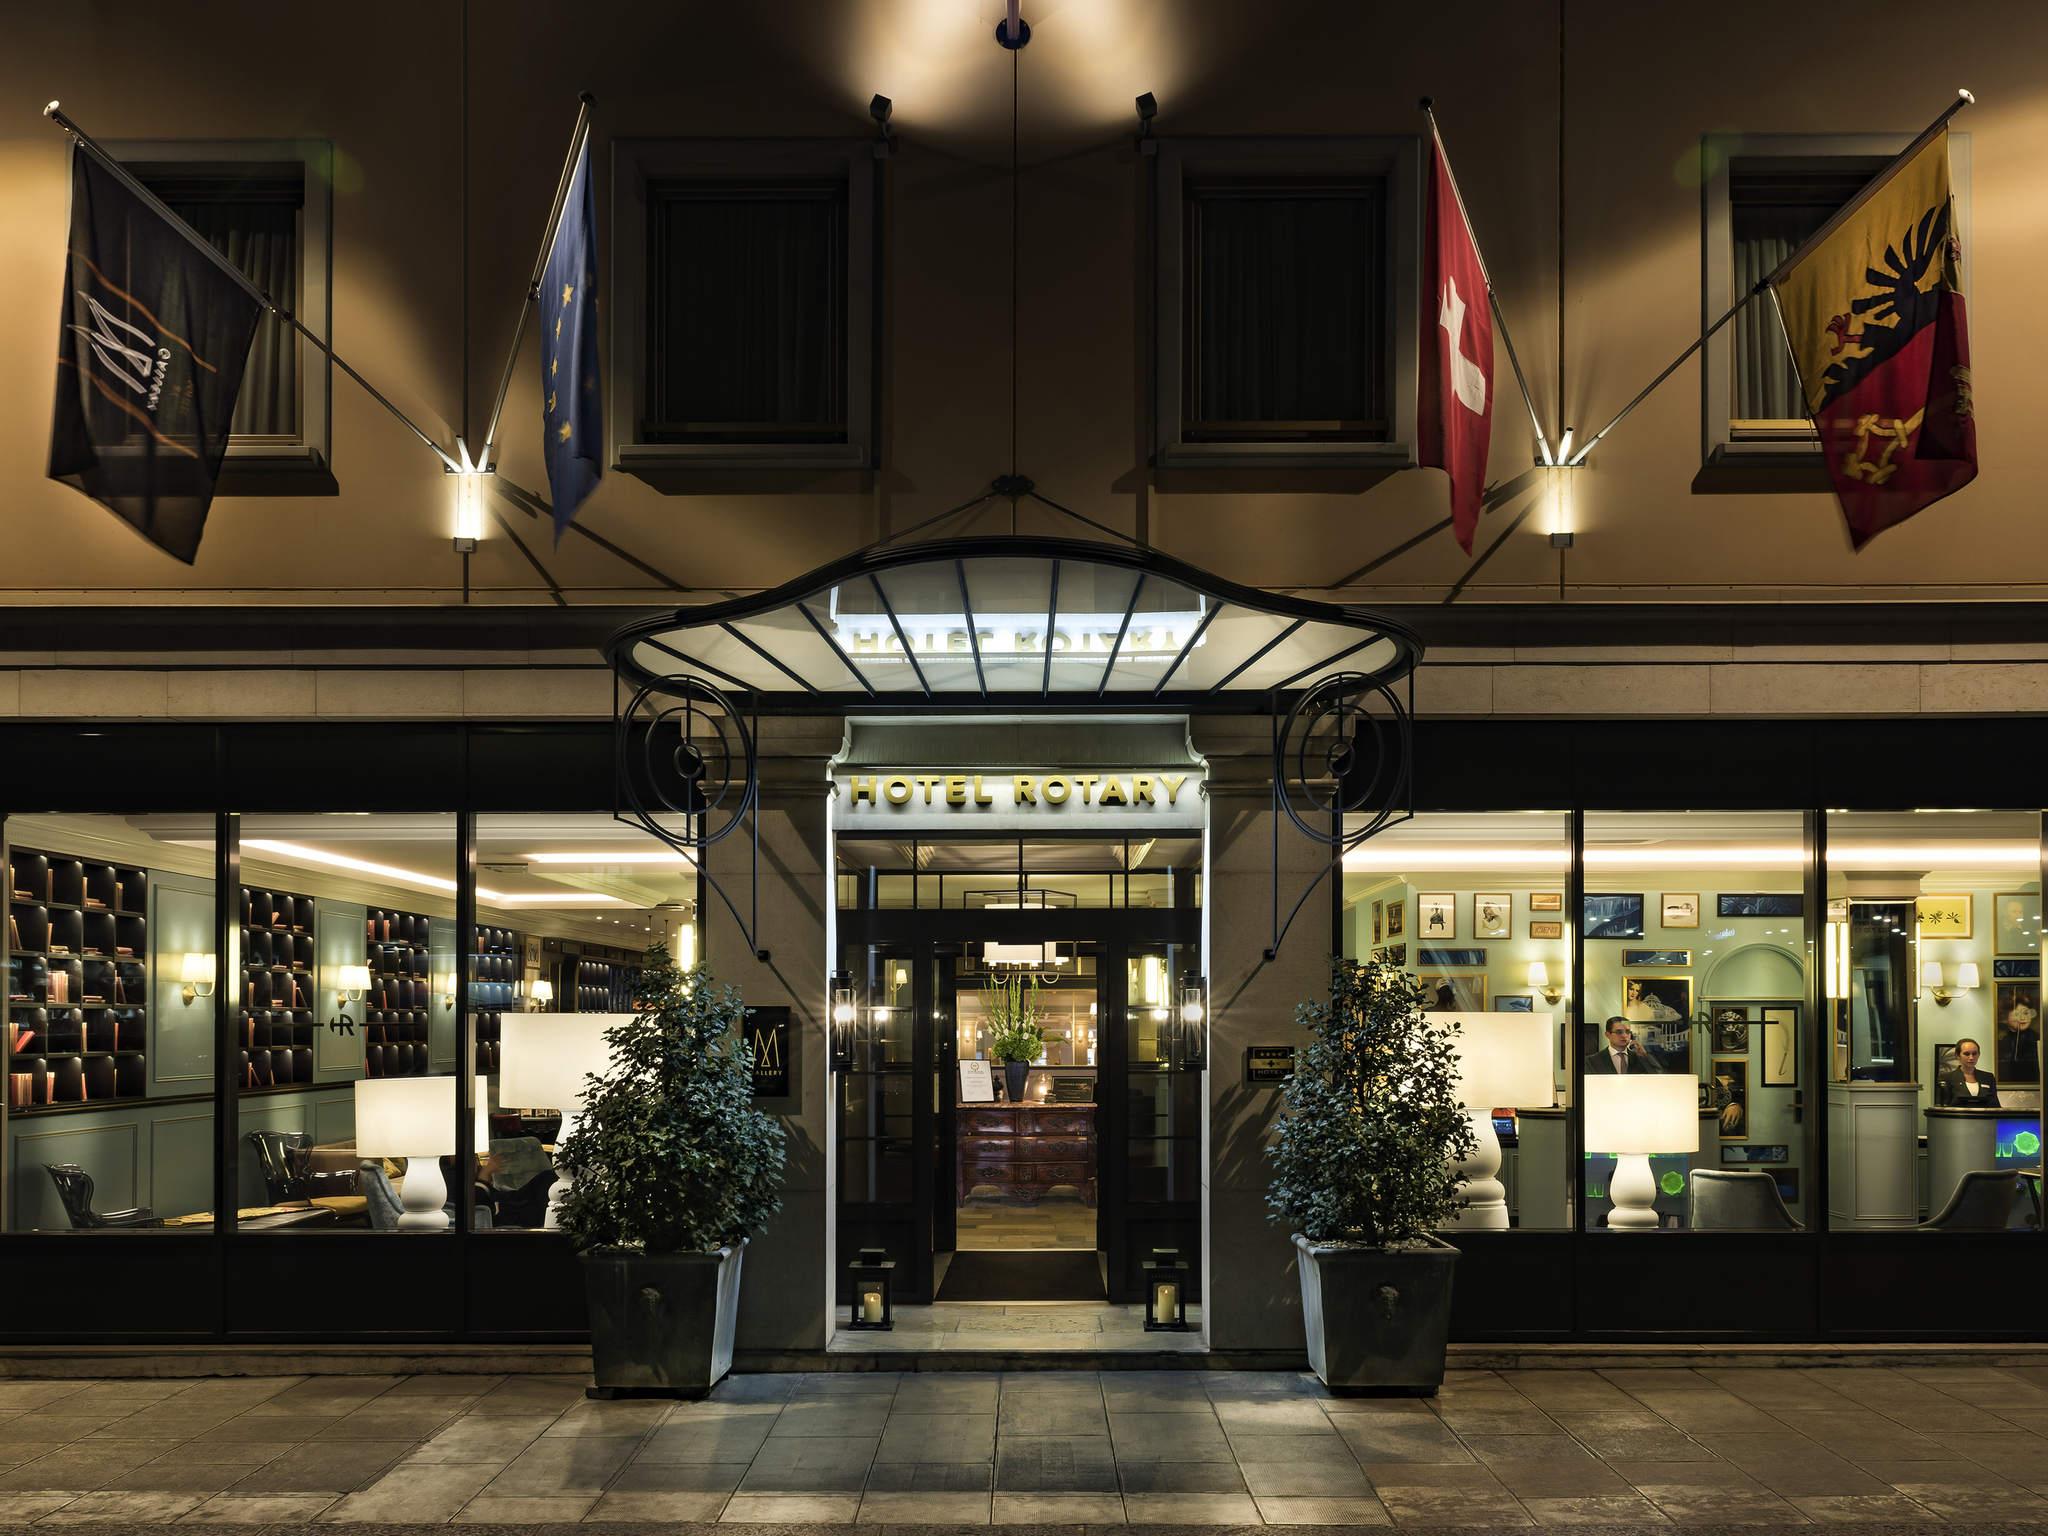 โรงแรม – โรงแรมโรตารี เจนีวา - เอ็มแกลเลอรี บาย โซฟิเทล